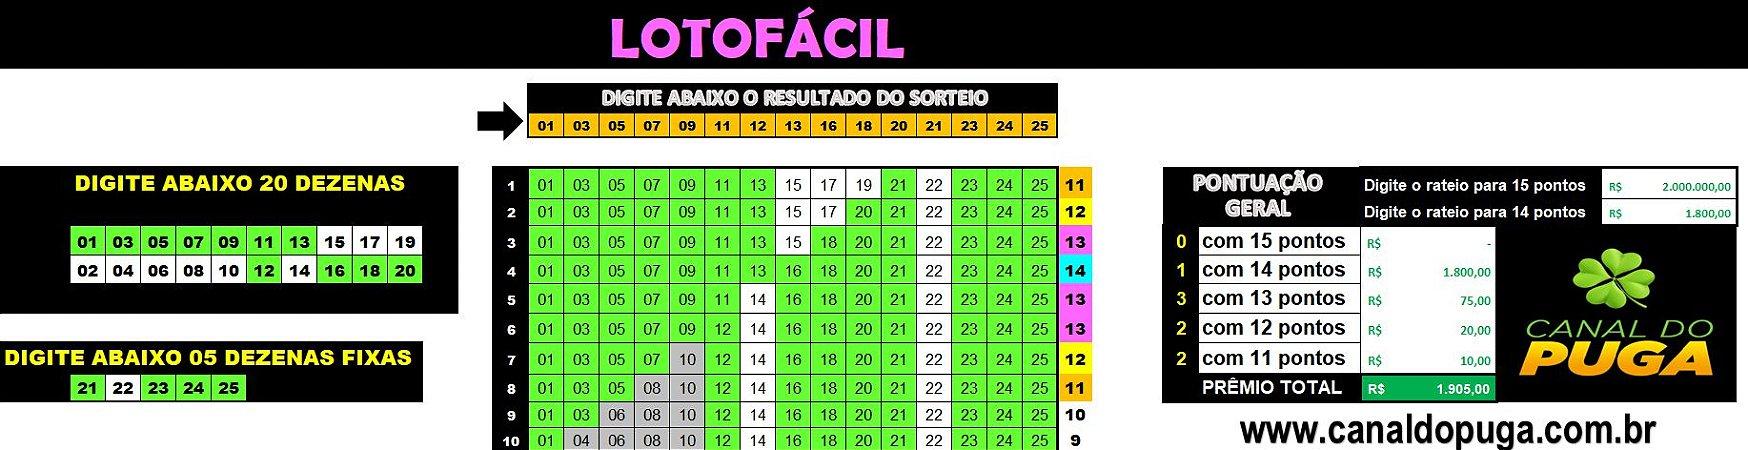 Planilha Lotofacil - Esquema com 20 Dezenas em Camadas